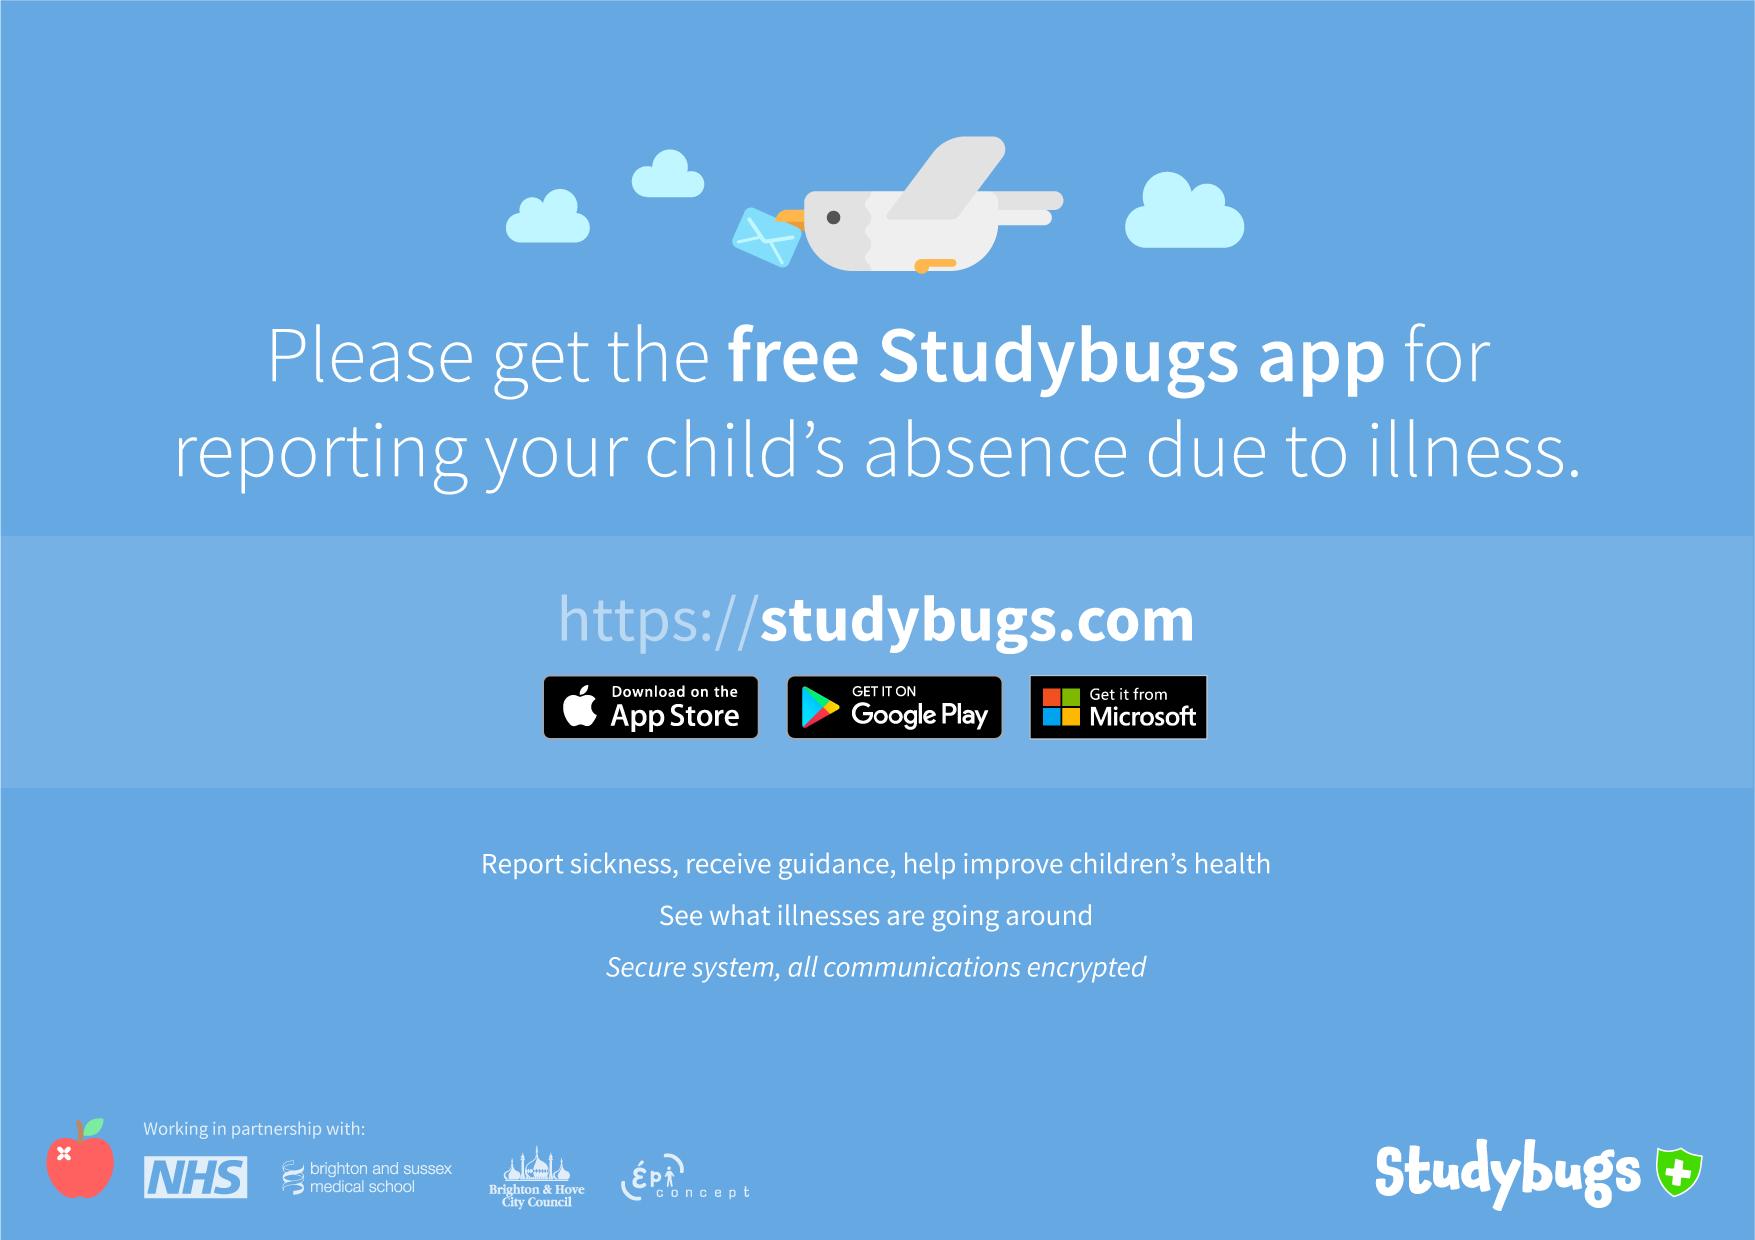 Studybugs Email